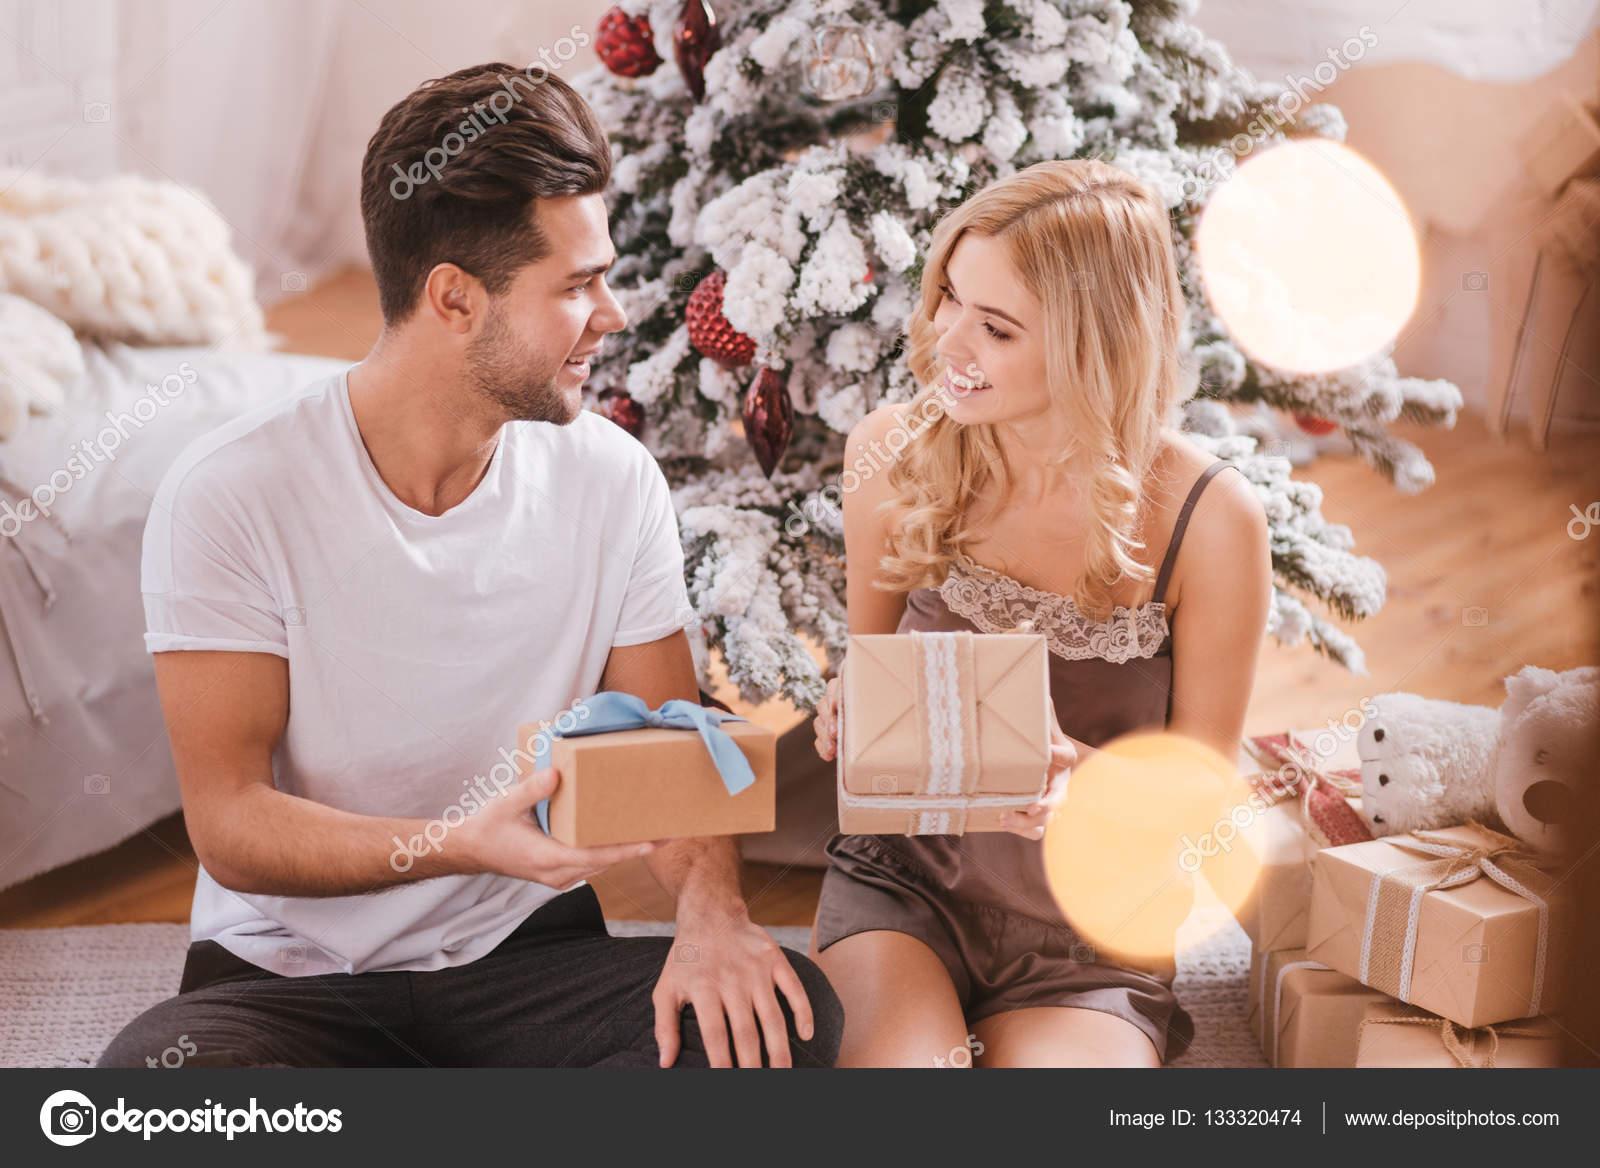 Freuen uns glücklichen Paare genießen ihre Weihnachtsmorgen ...